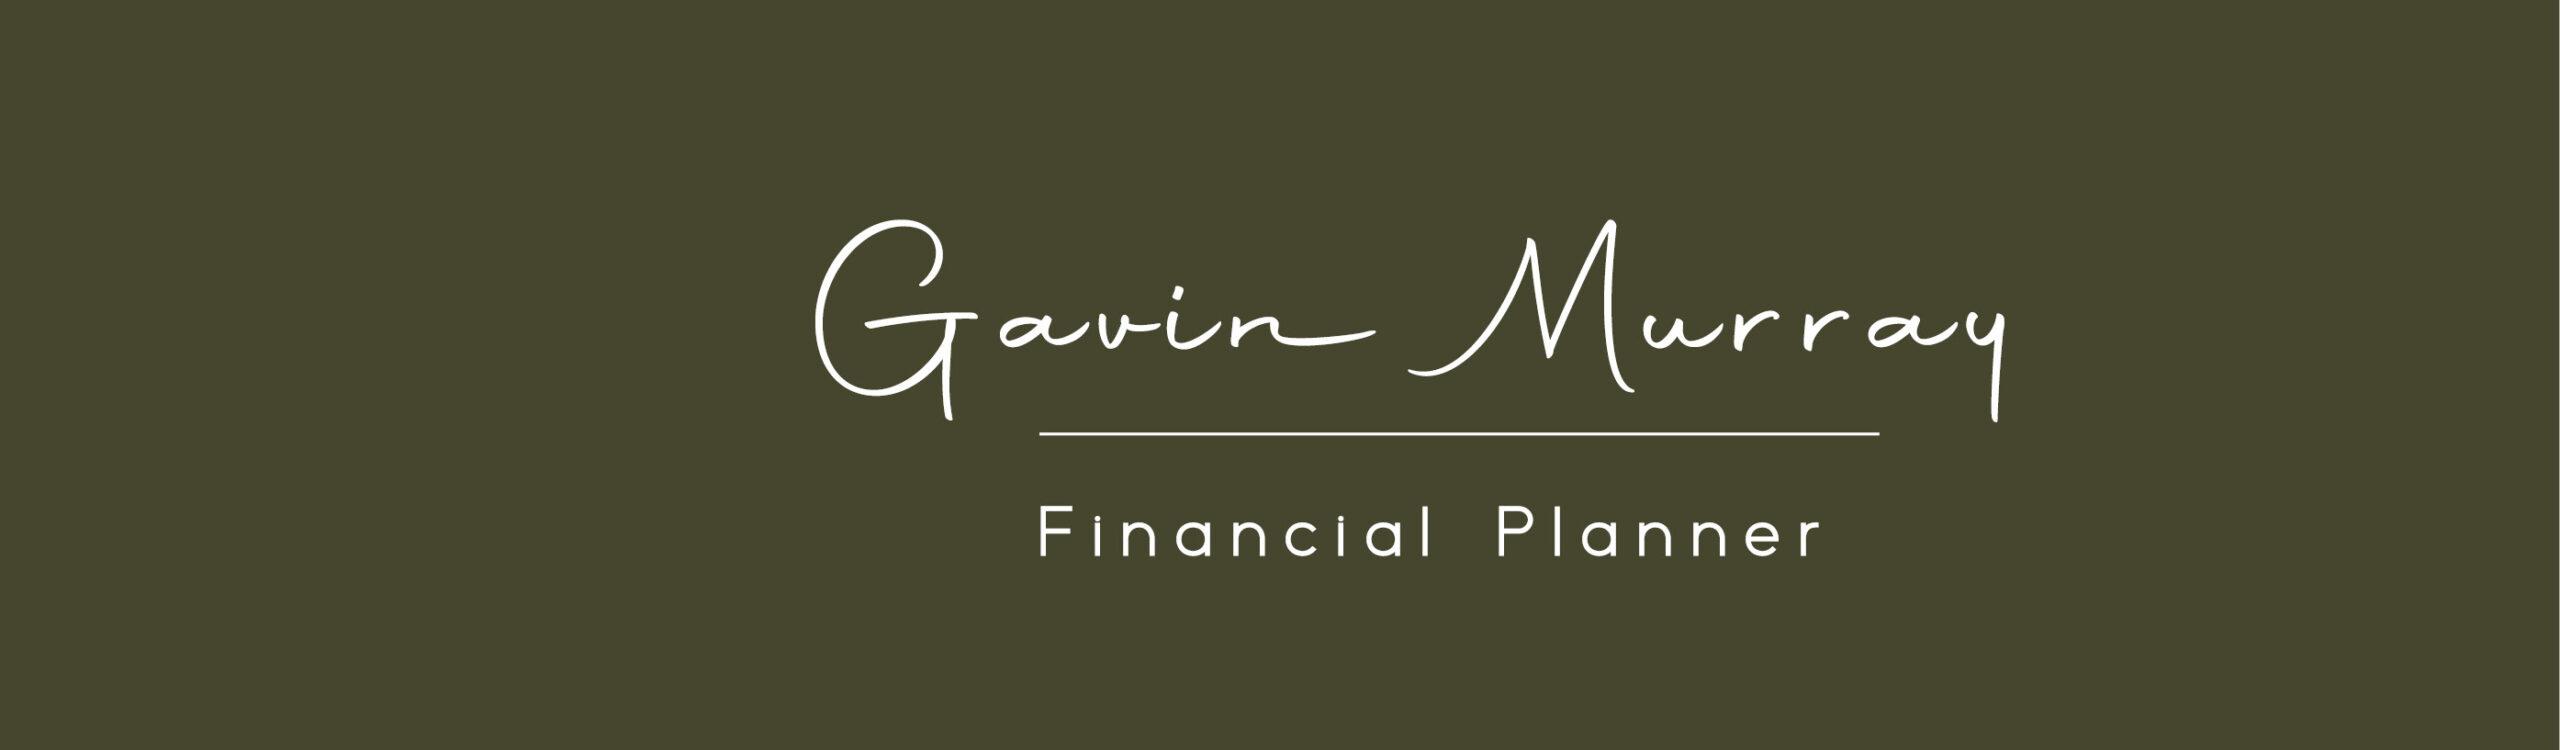 GAVIN MURRARY GREEN LOGO